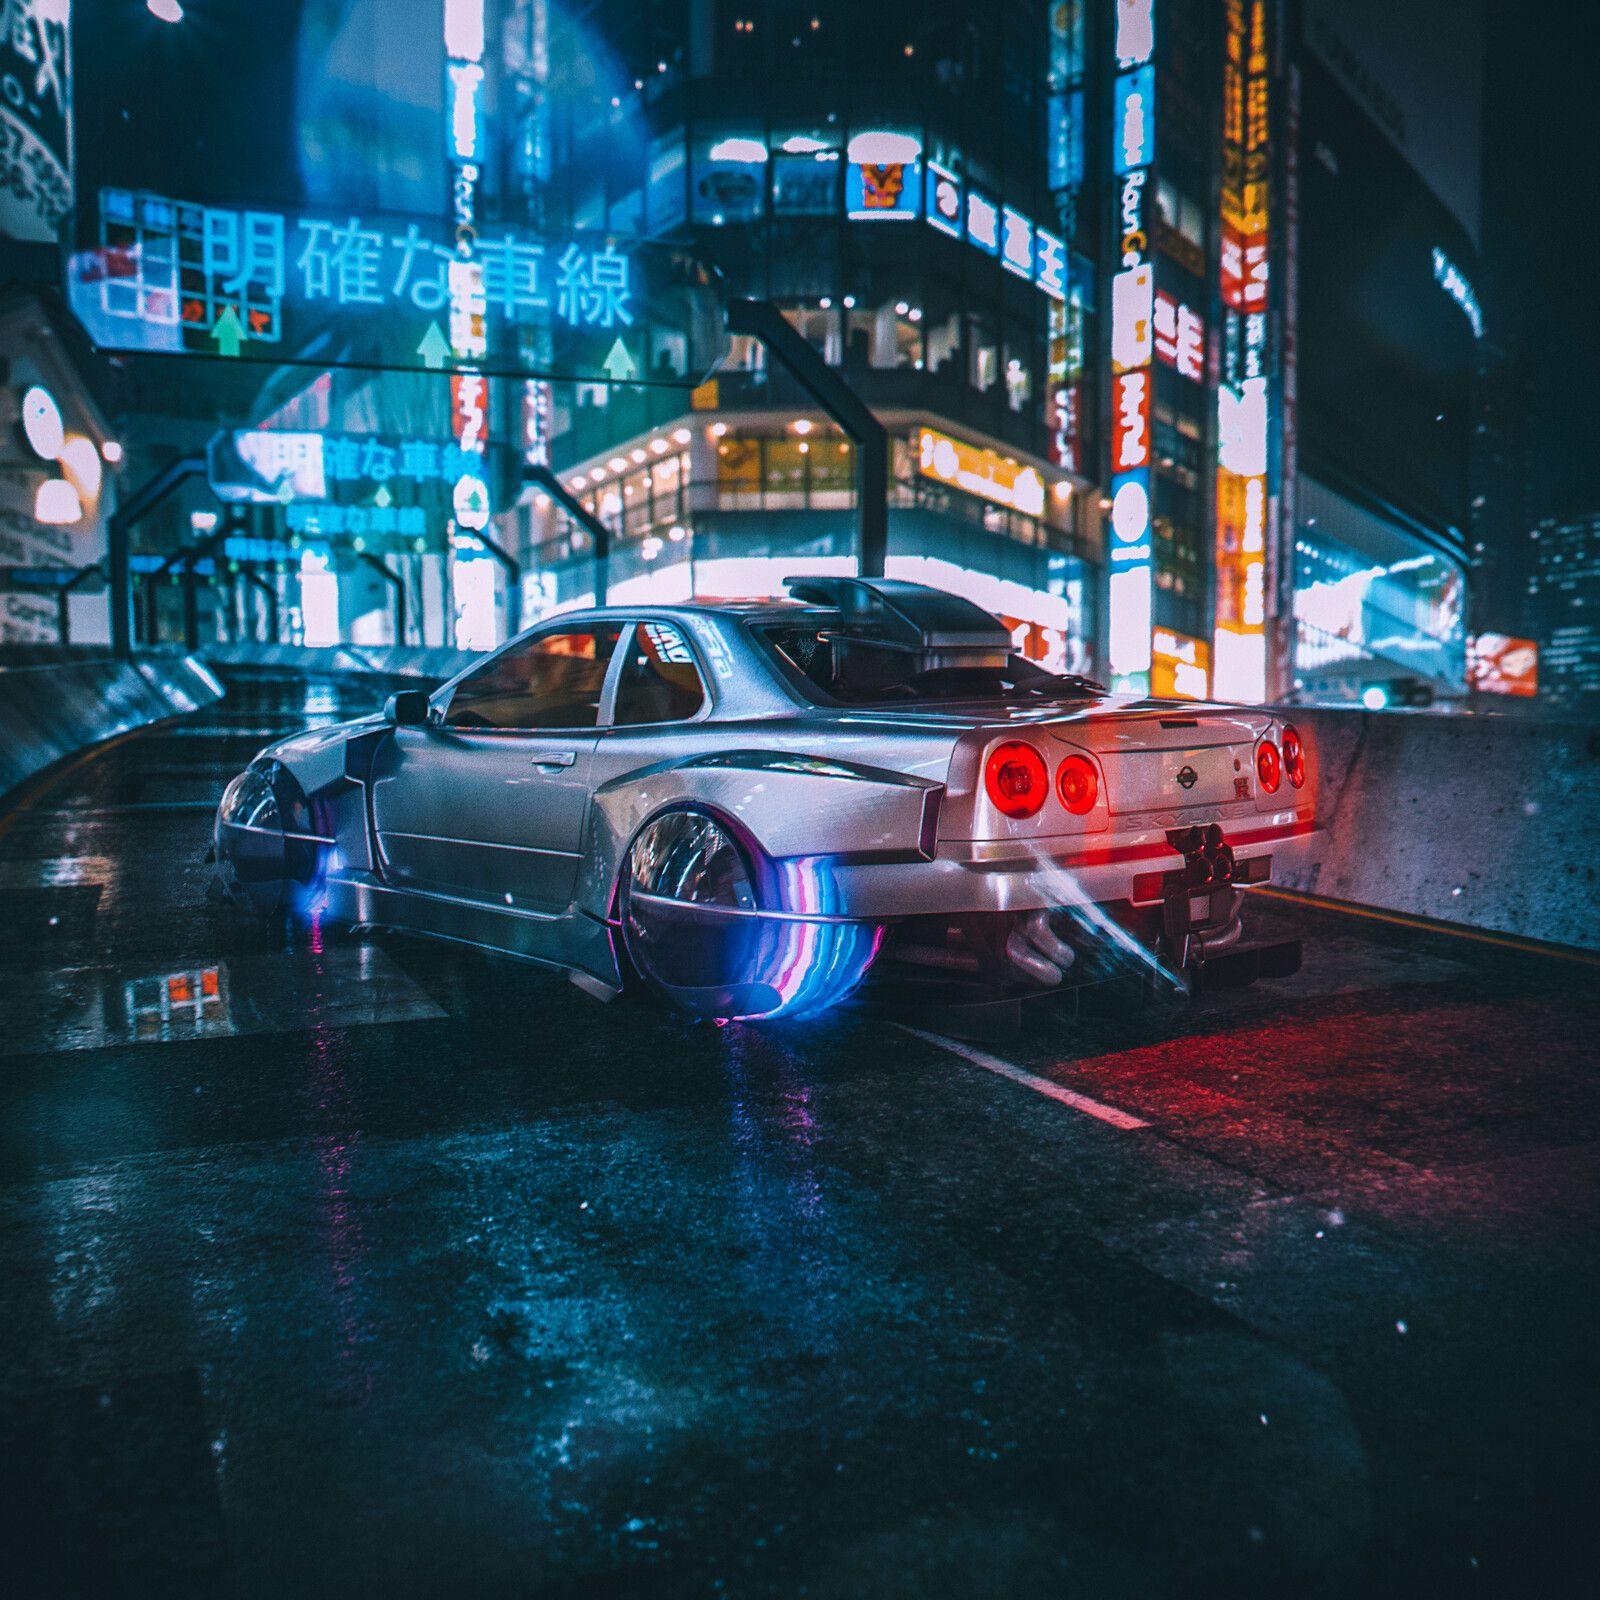 2050 By Khyzyl Saleem Futuristic Cars Art Cars Cyberpunk